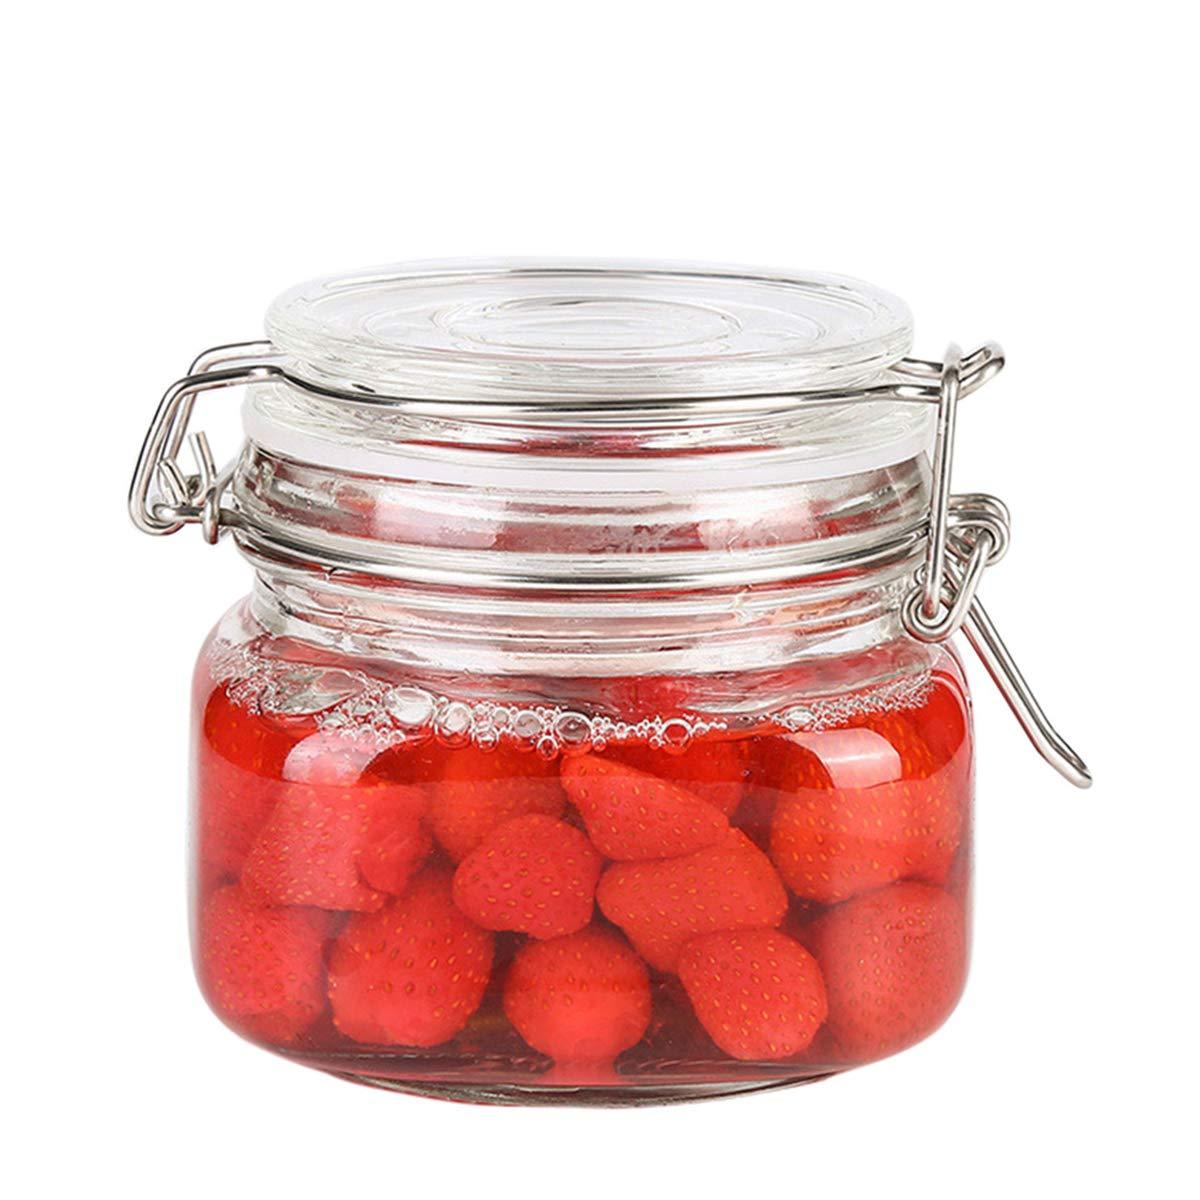 OUNONA 500ml klarem Quadratische Gläsern Container mit Edelstahl Schnalle für Abdichtung Lebensmittelaufbewahrung